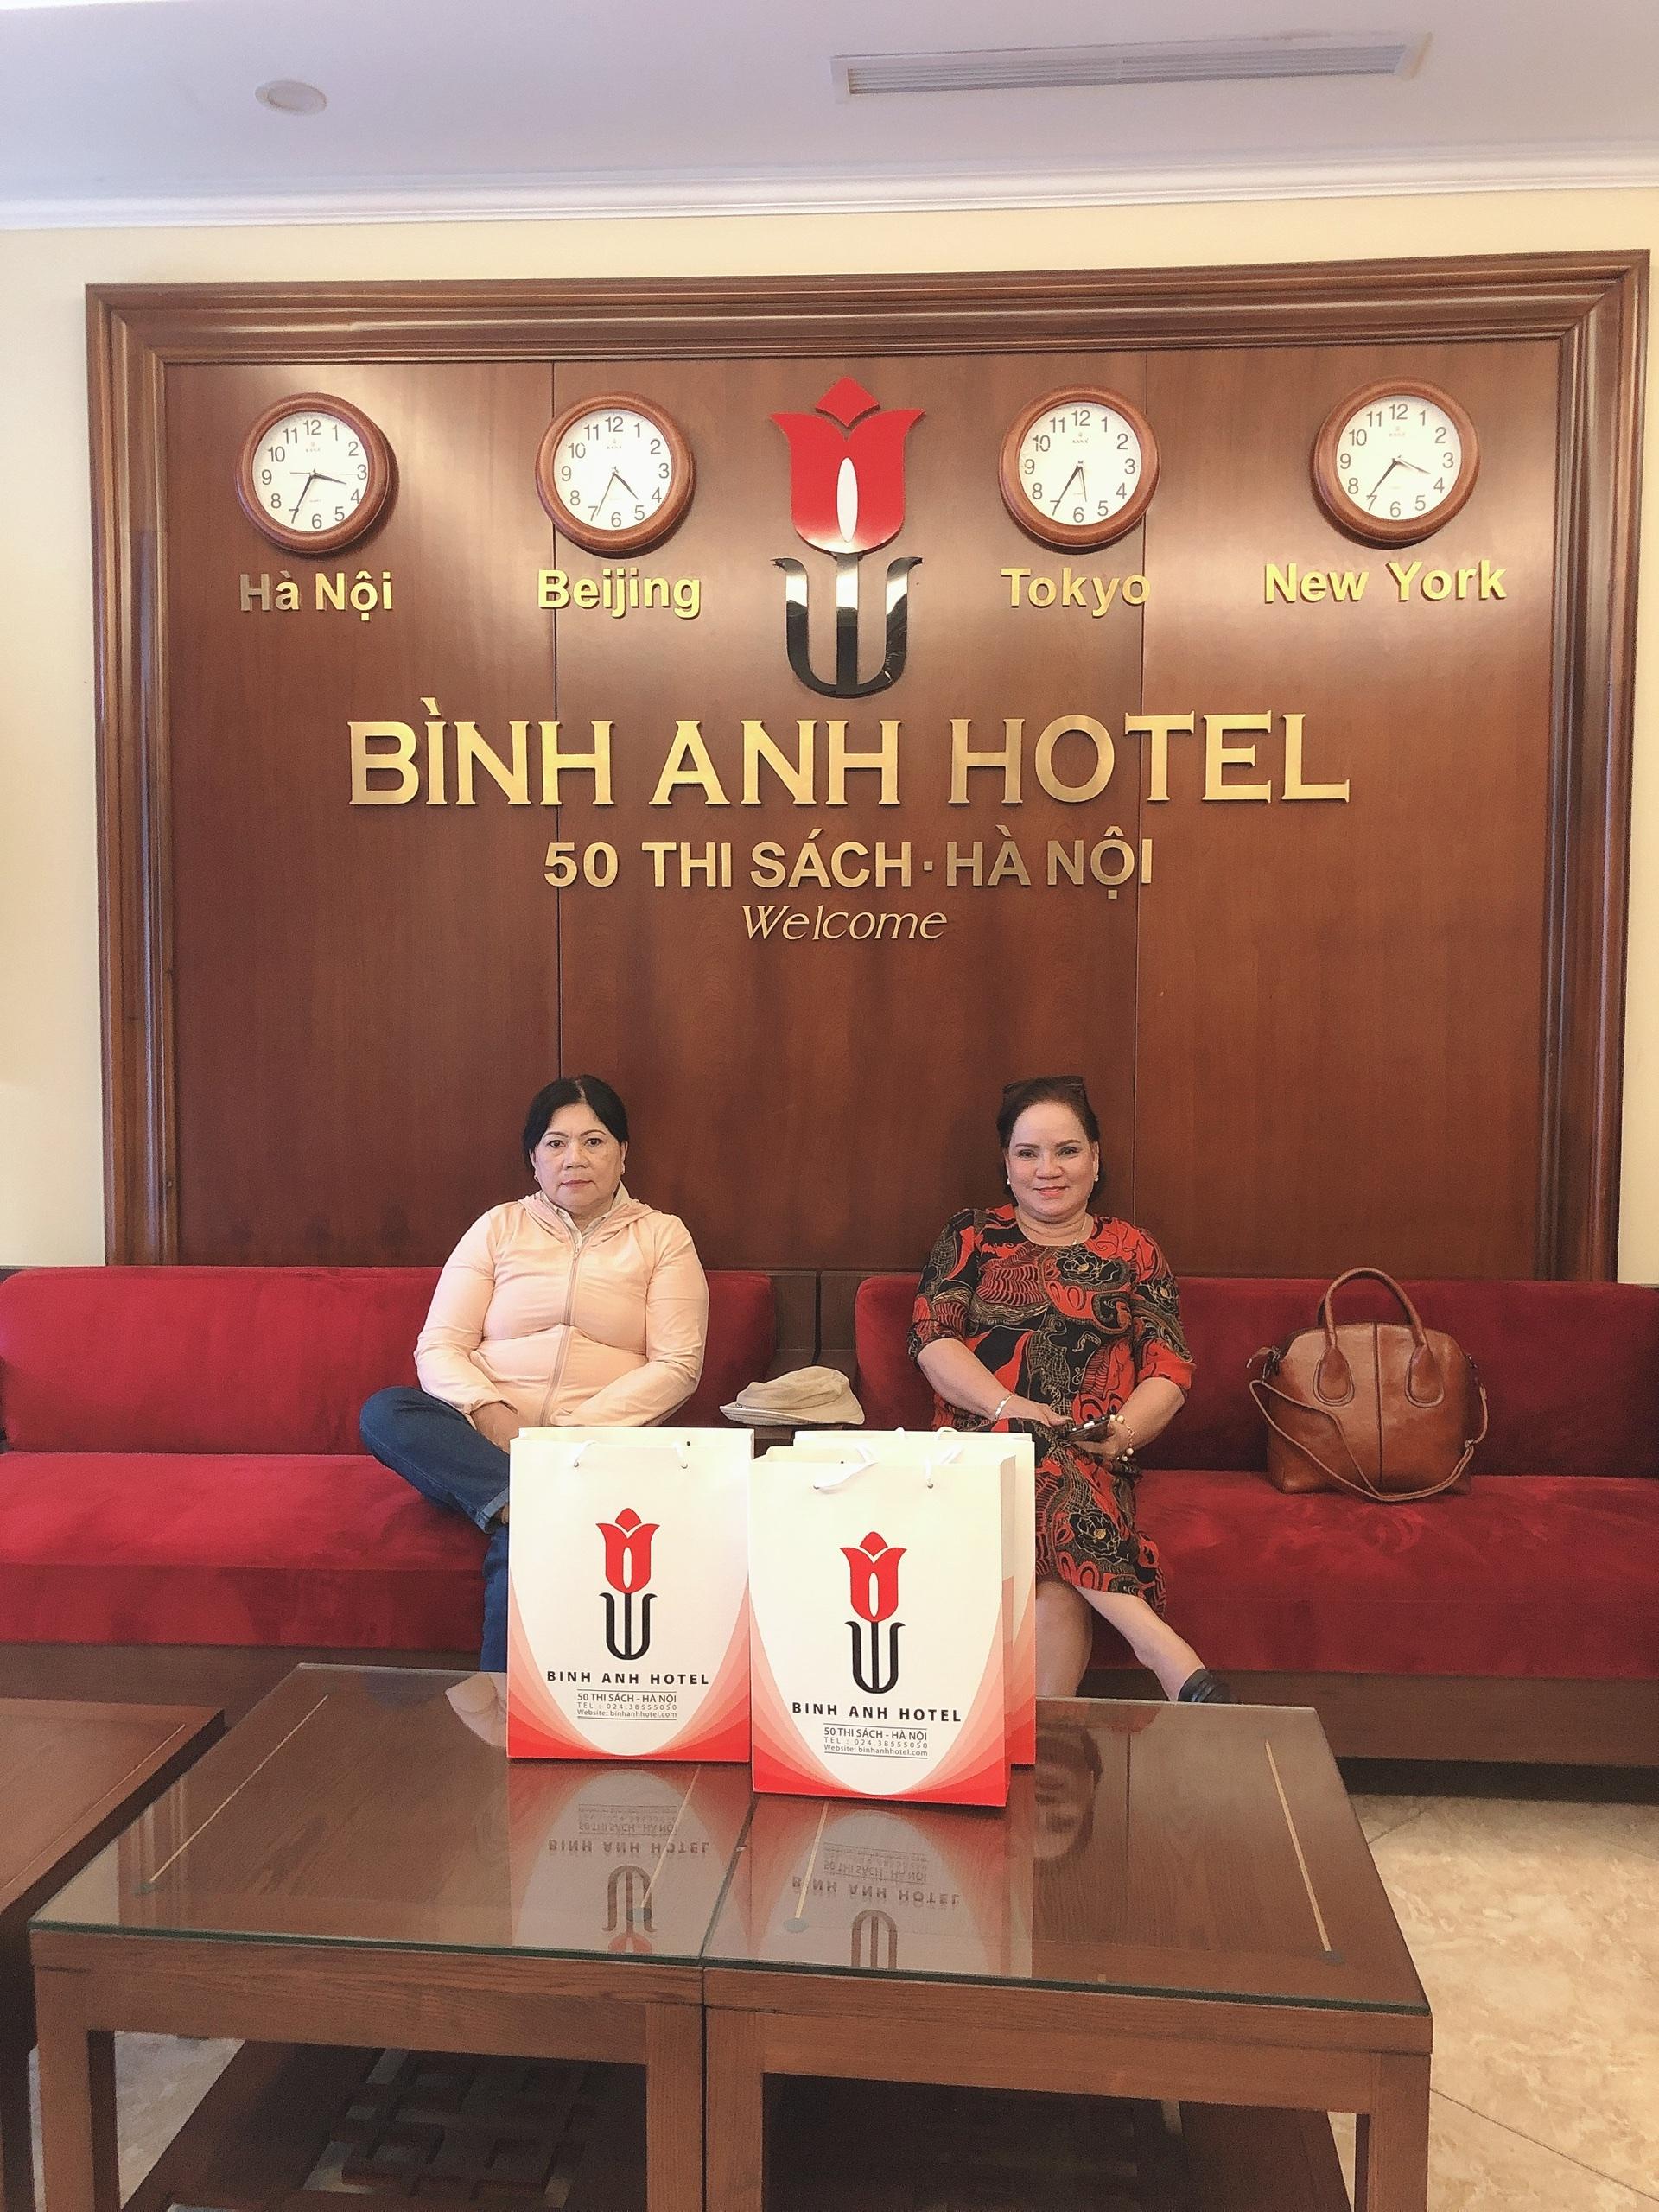 <p>Tôi là dân Phú Quốc hay ra HN công tác, được bạn bè giới thiệu đến ở tại Khách sạn Bình Anh, tôi thấy rất hài lòng vì cách phục vụ nhiệt tình của cả nhân viên lần bà chủ khách sạn</p>